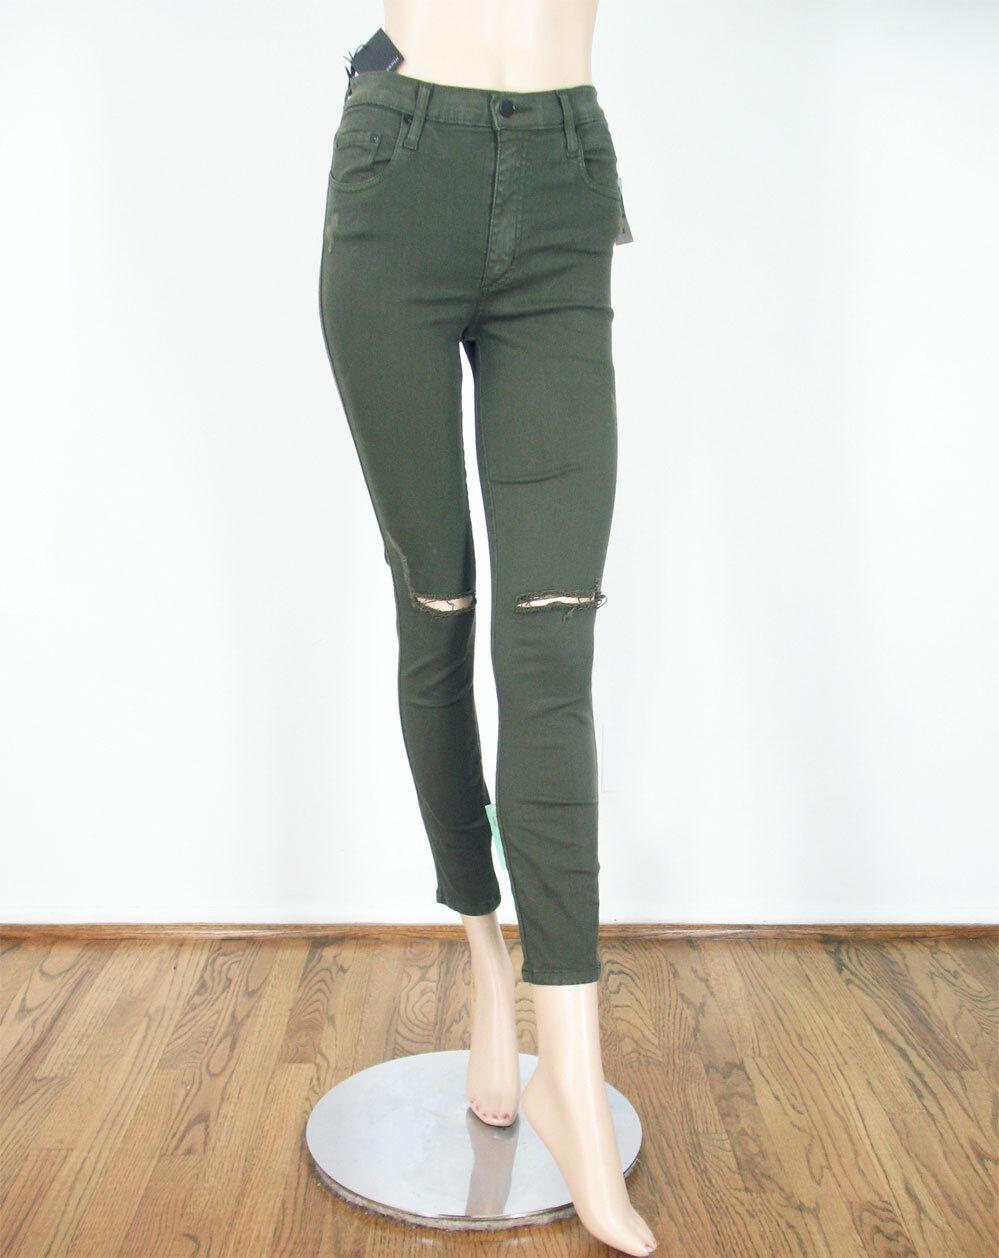 Nobody Cult Destructed Skinny Ankle Jeans Refuge Dark Green 24  229 9249 BM12